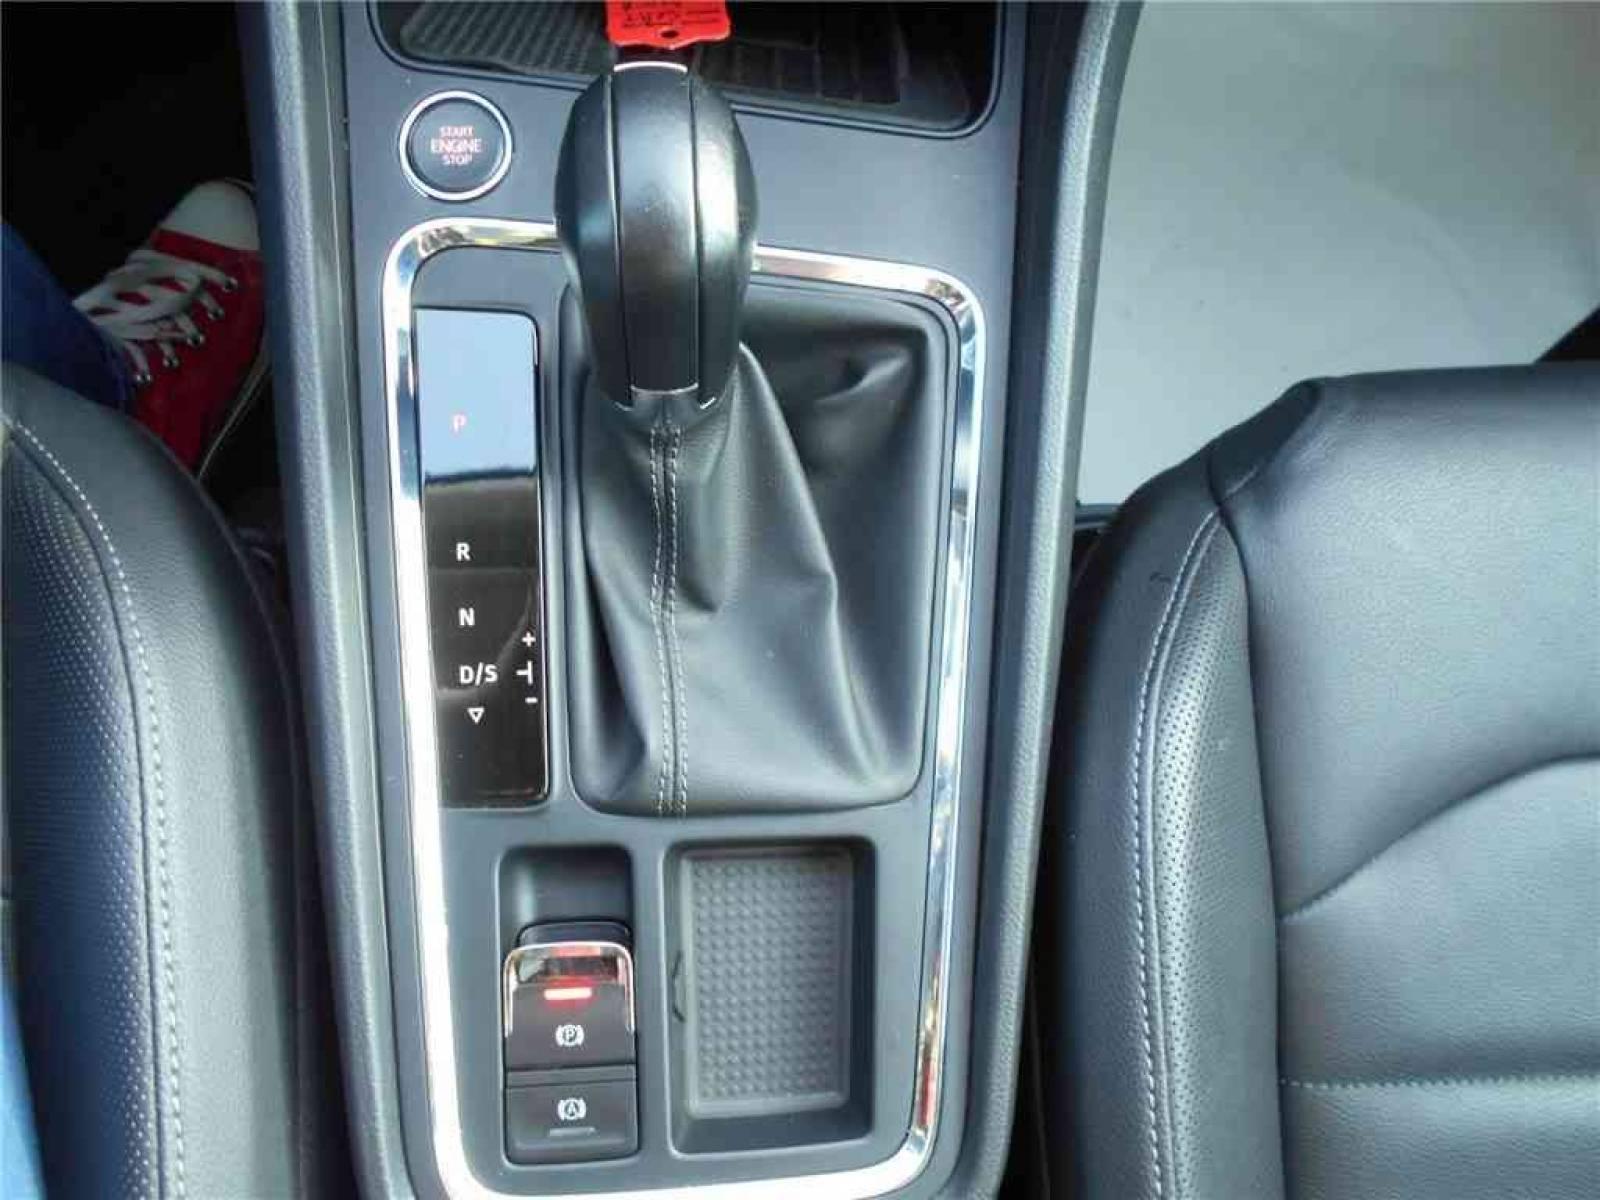 SEAT Ateca 1.6 TDI 115 ch Start/Stop Ecomotive DSG7 - véhicule d'occasion - Groupe Guillet - Chalon Automobiles - 71100 - Chalon-sur-Saône - 11